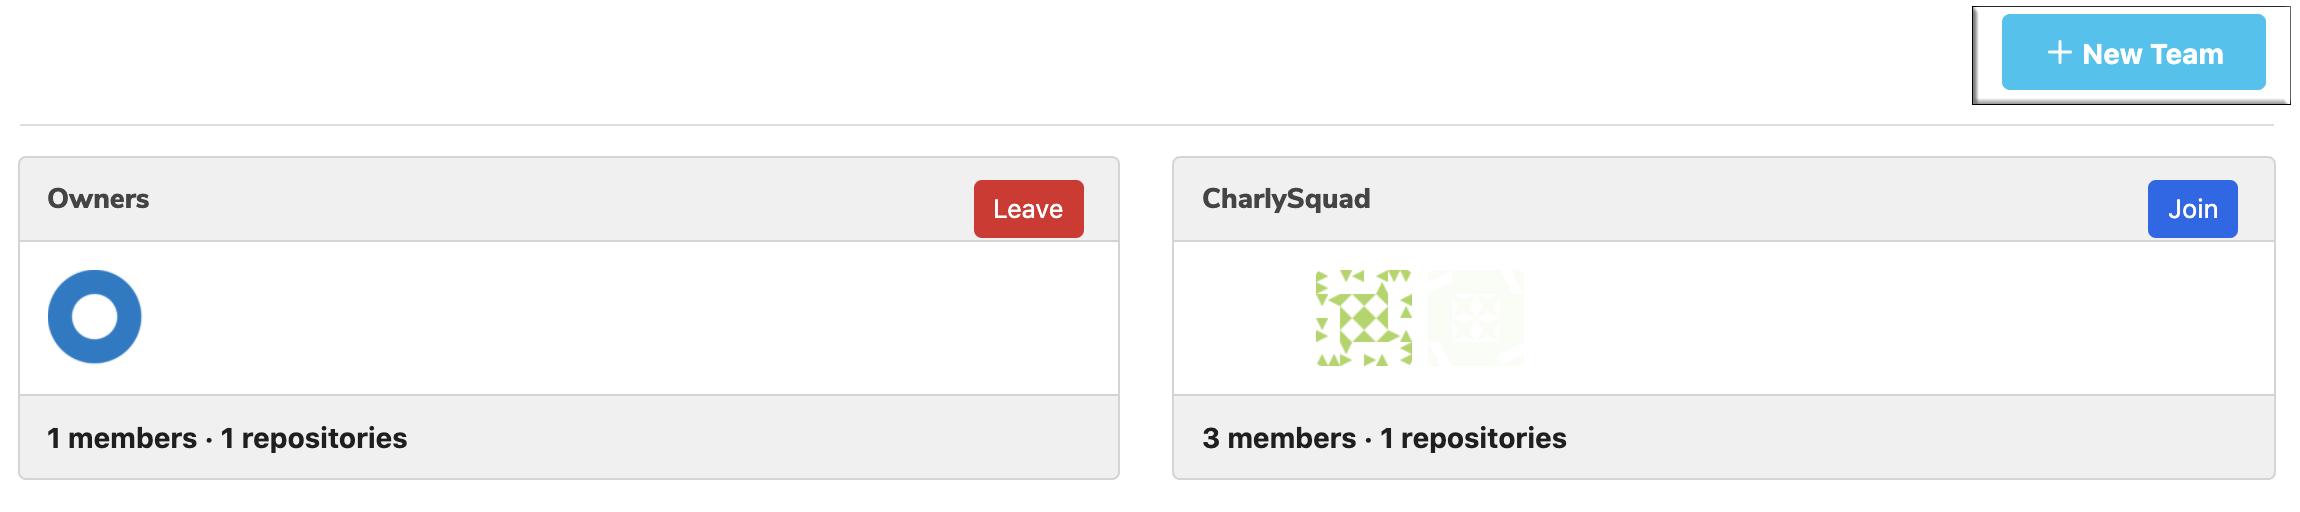 Create New Team